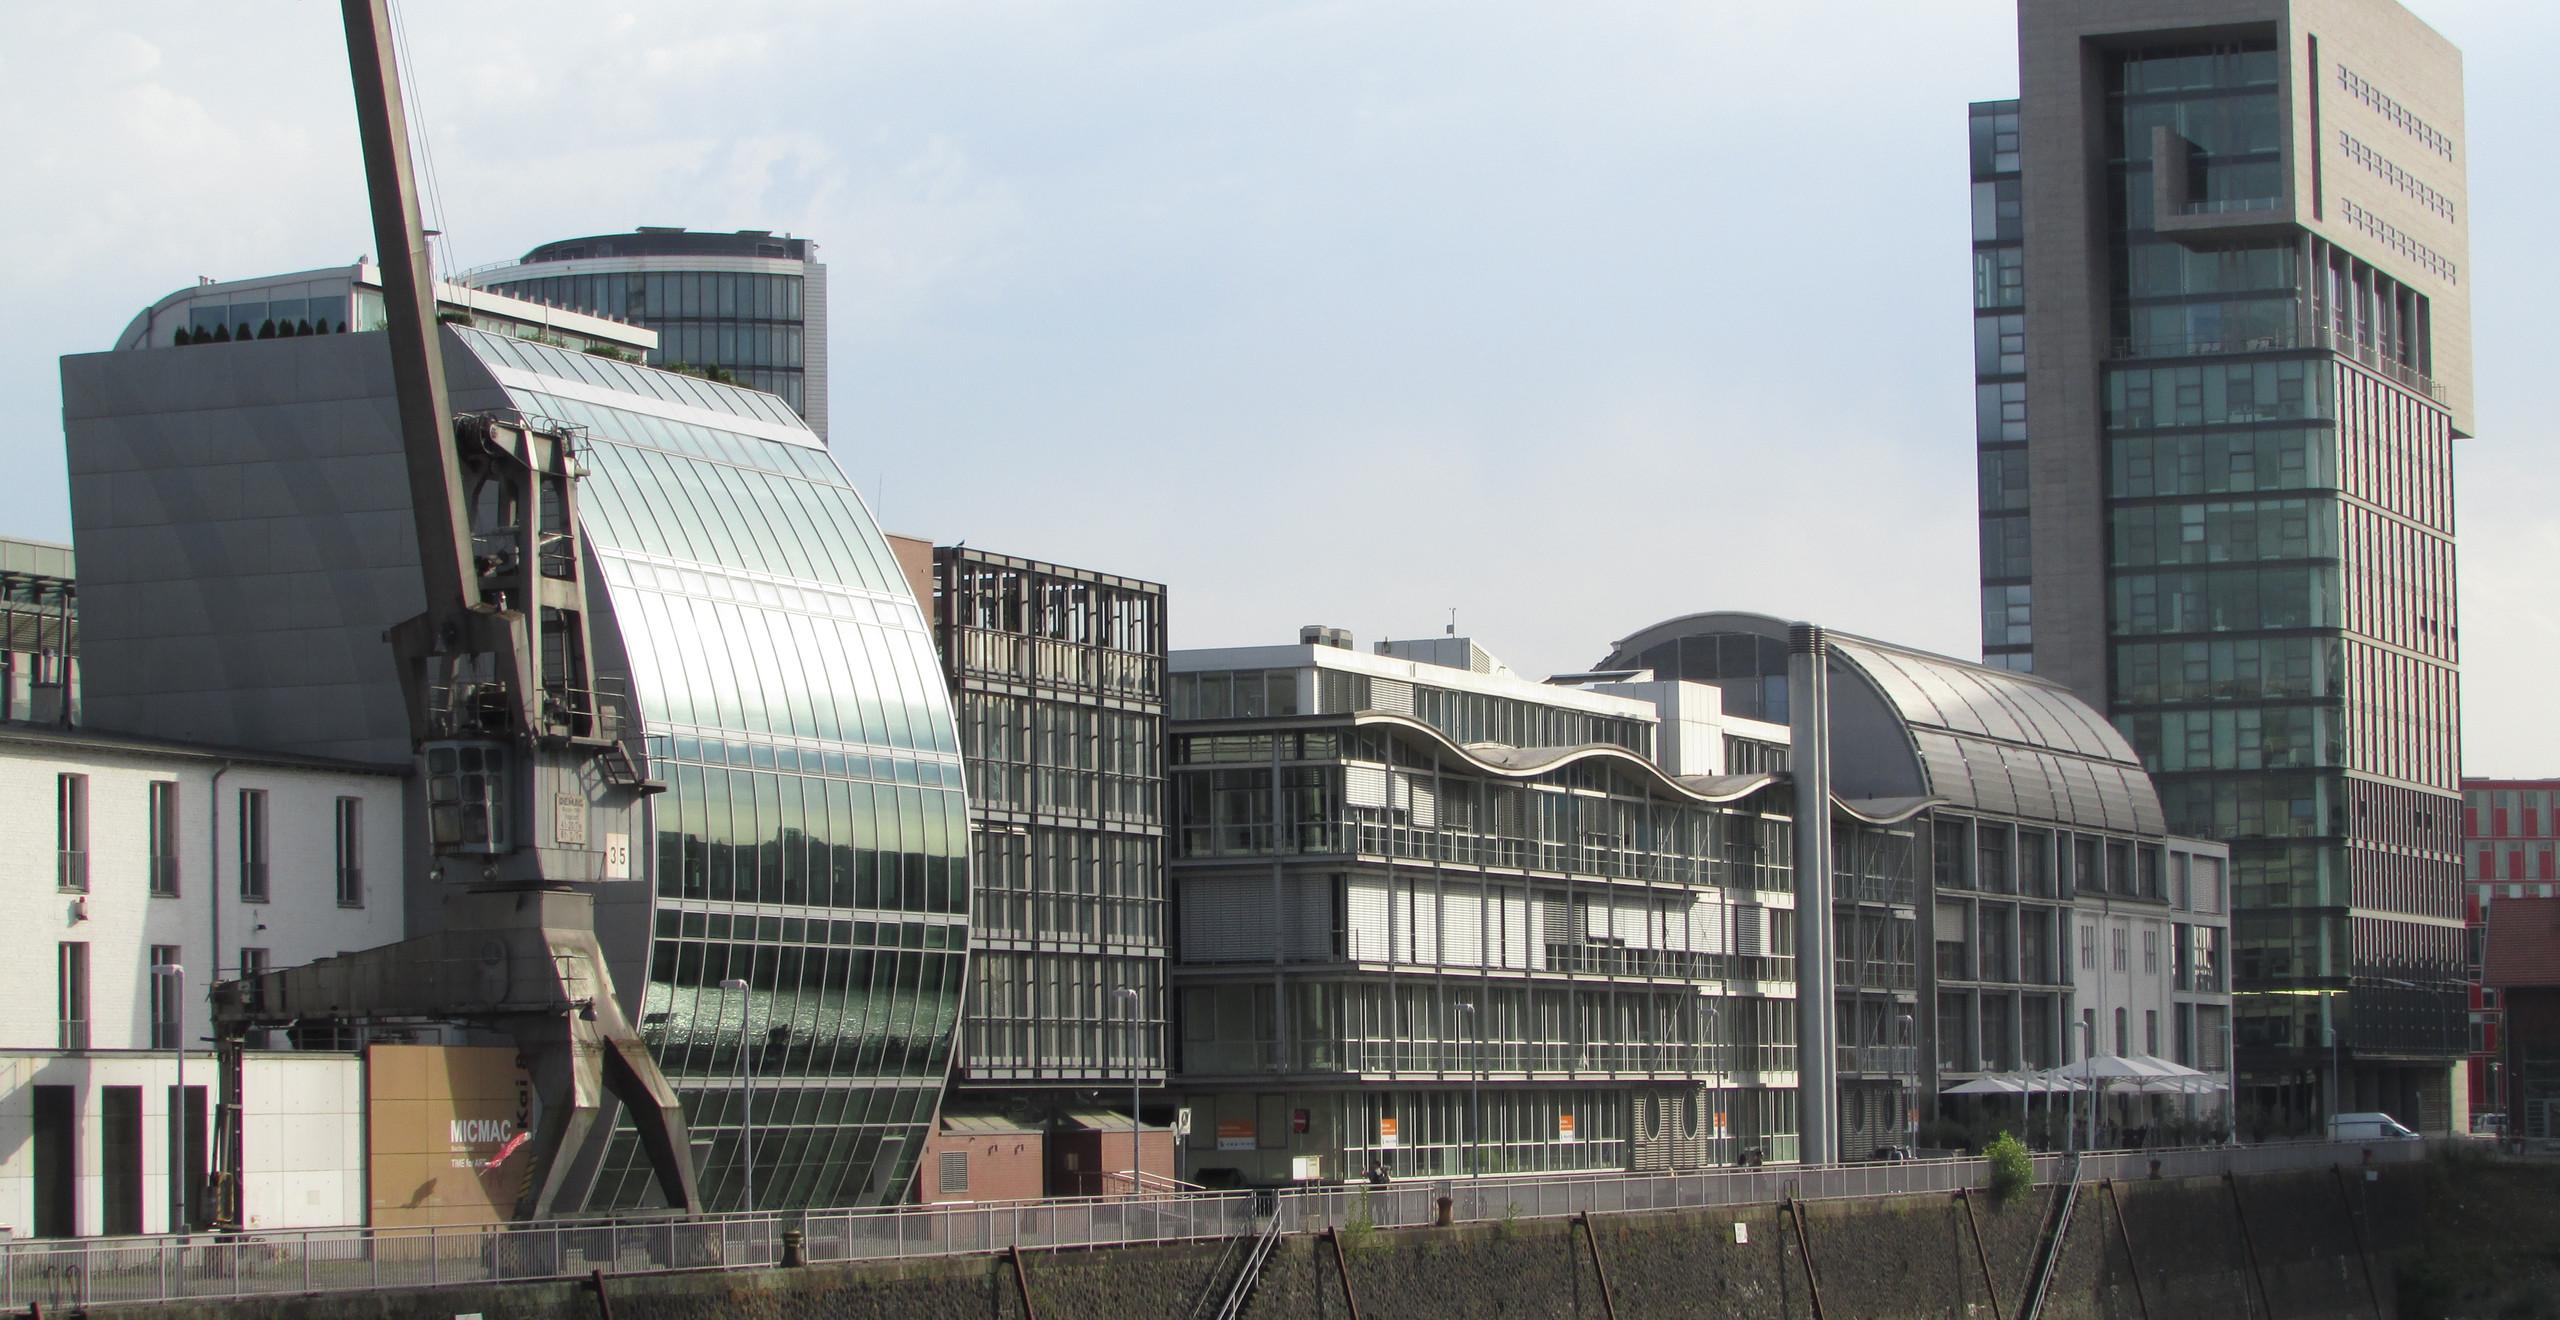 מדוגמאות האדריכלות החדשנית ב-MedienHafen בדיסלדורף